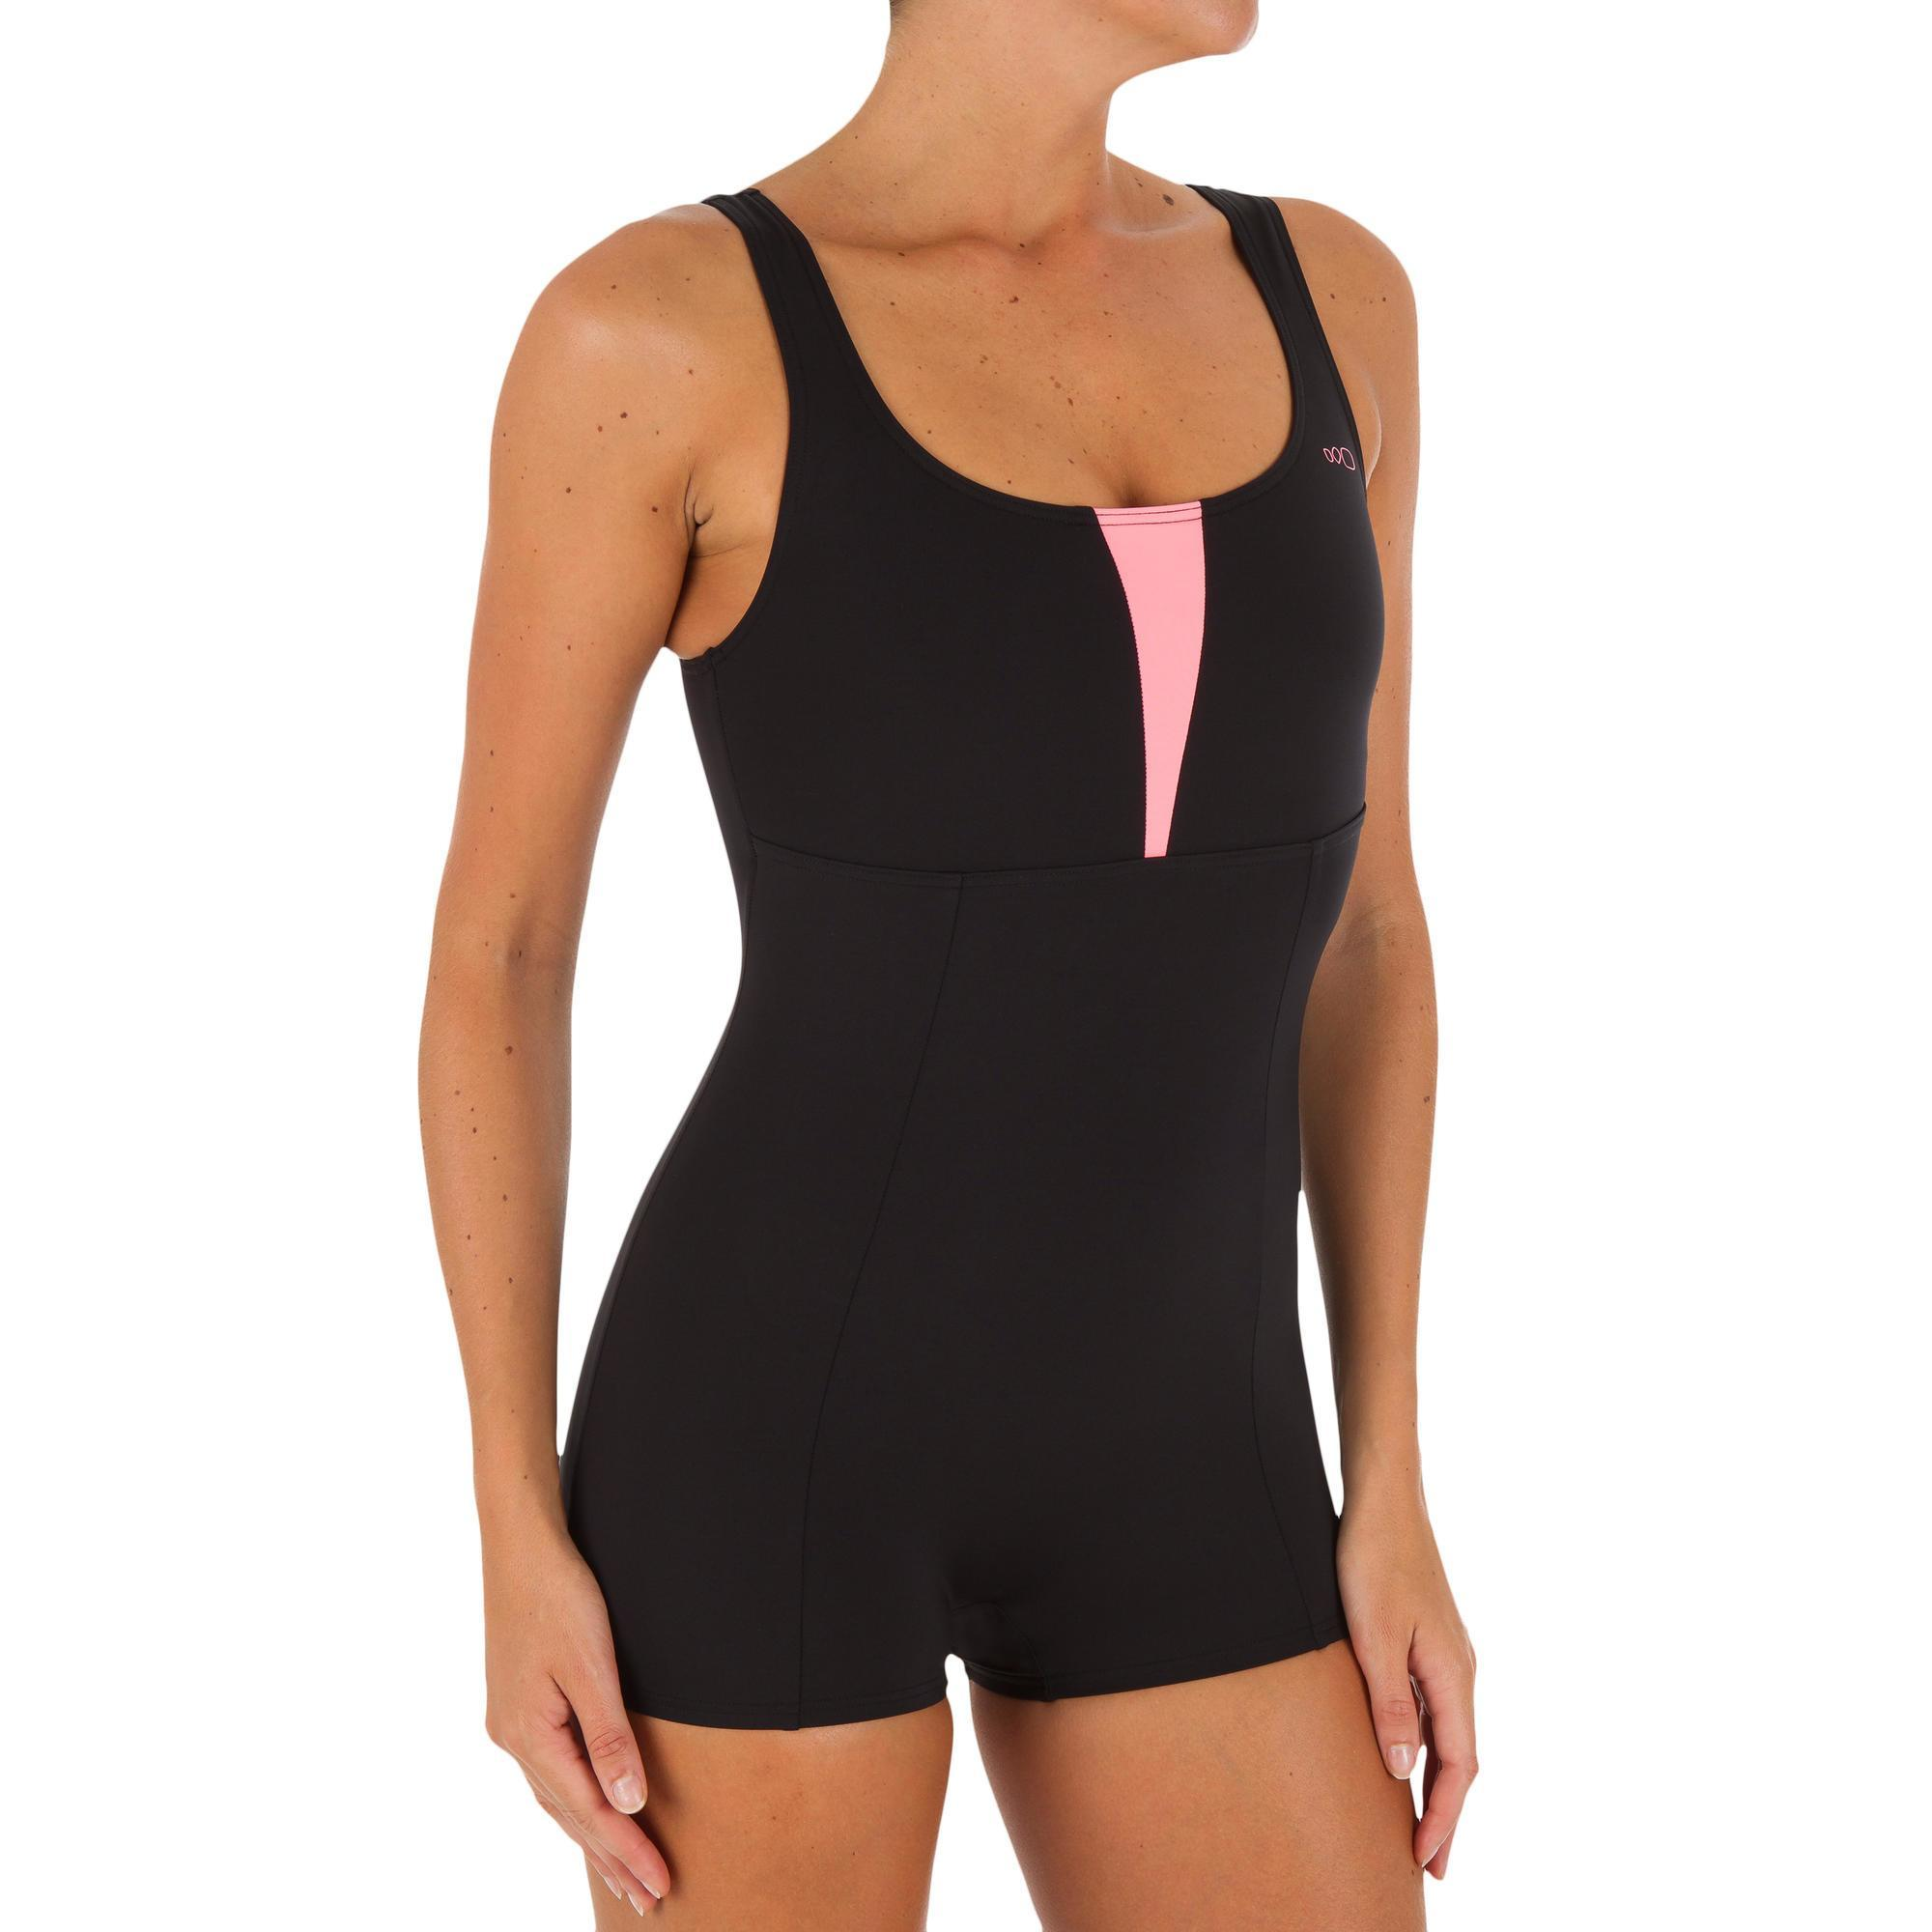 62a1fb11dab2 maillot de bain femme aquagym intersport